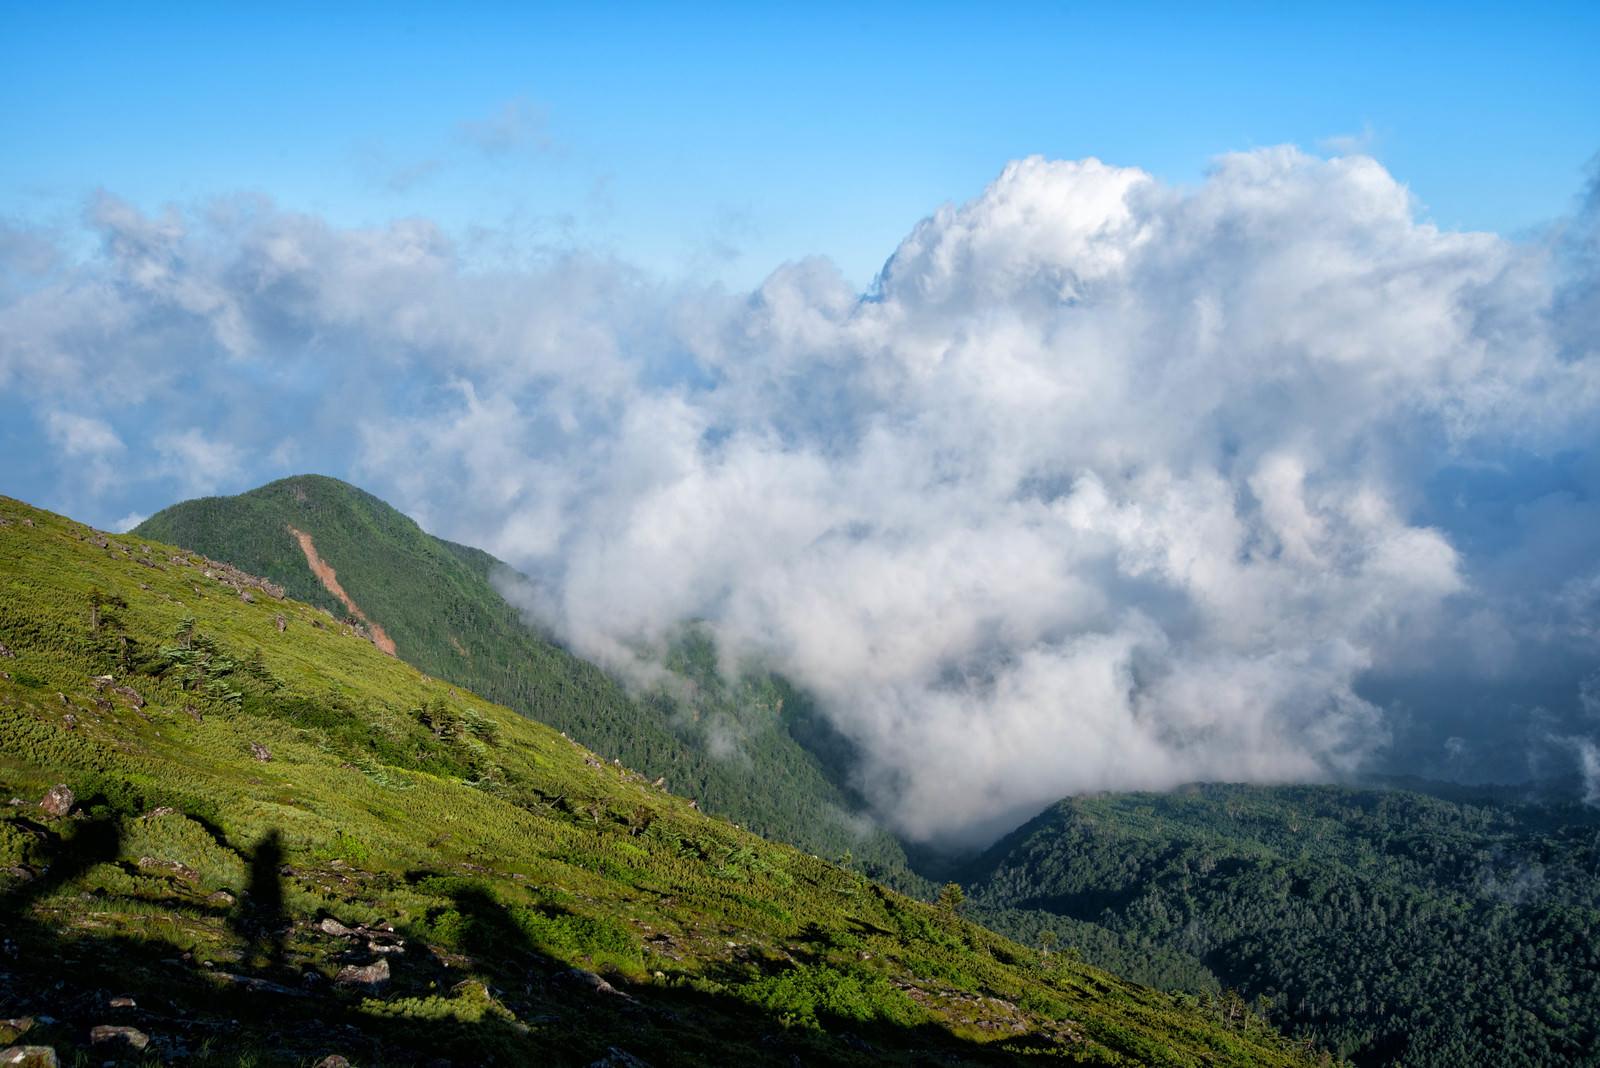 「湧き上がってくる積雲と登山者の影」の写真